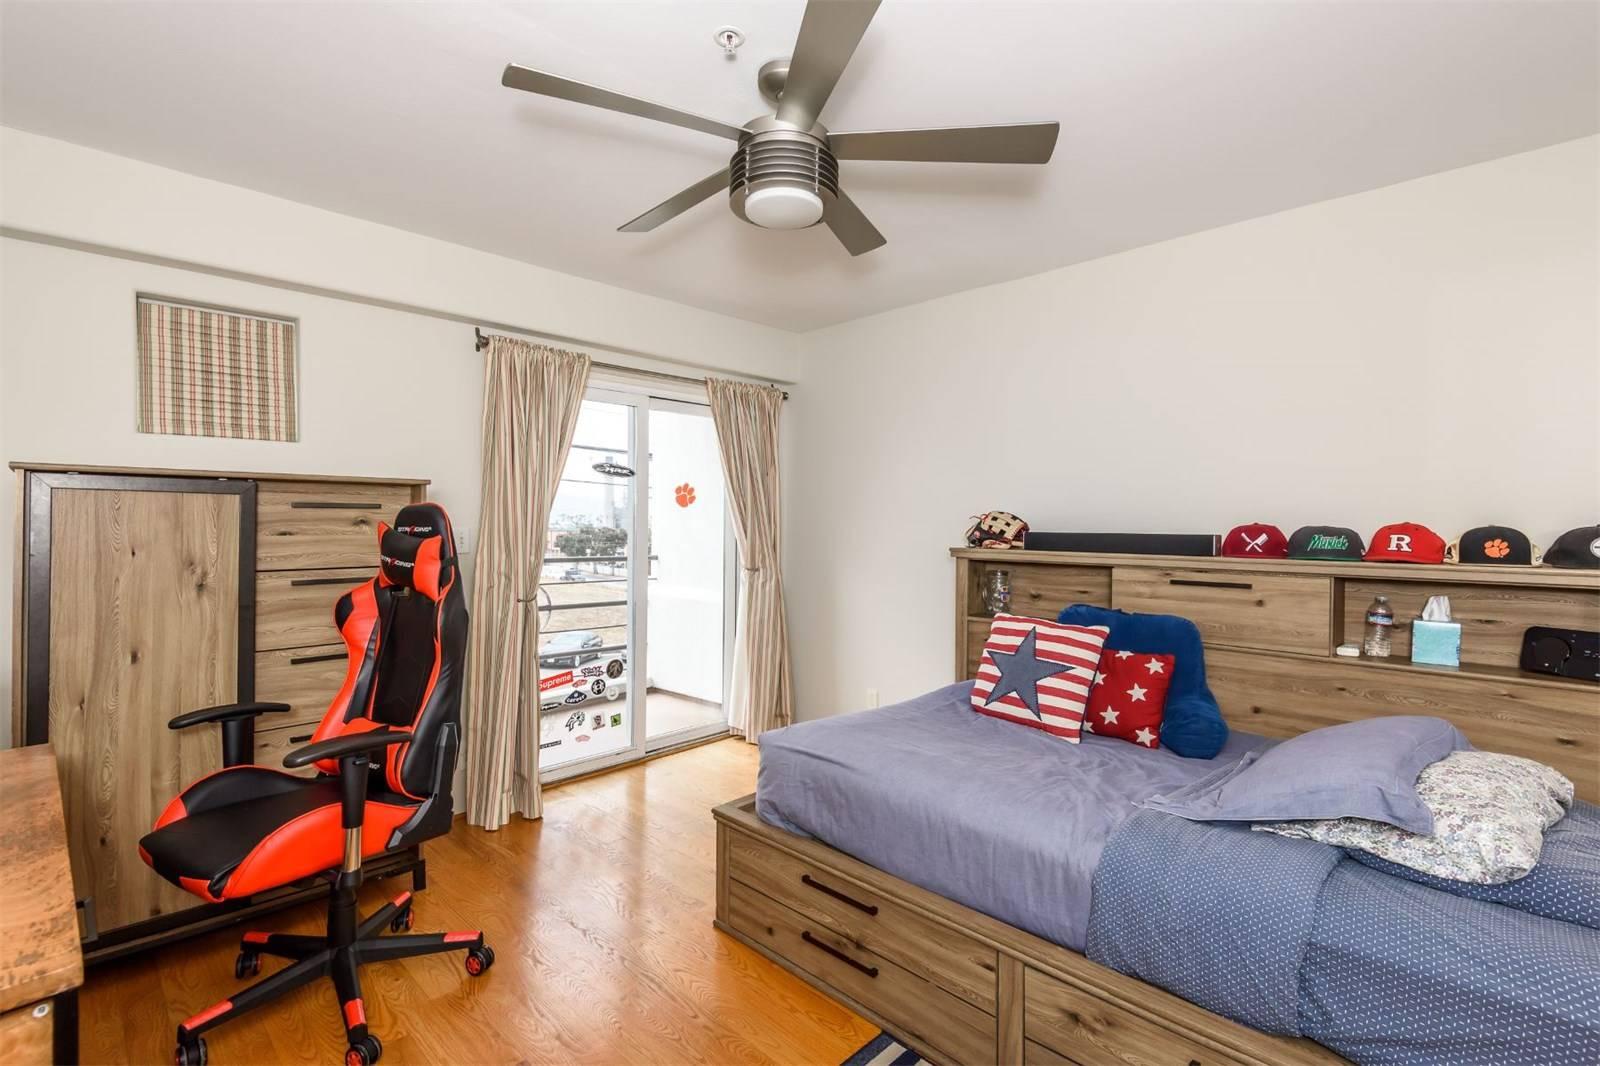 540 1st Street  - bedroom 2.jpeg